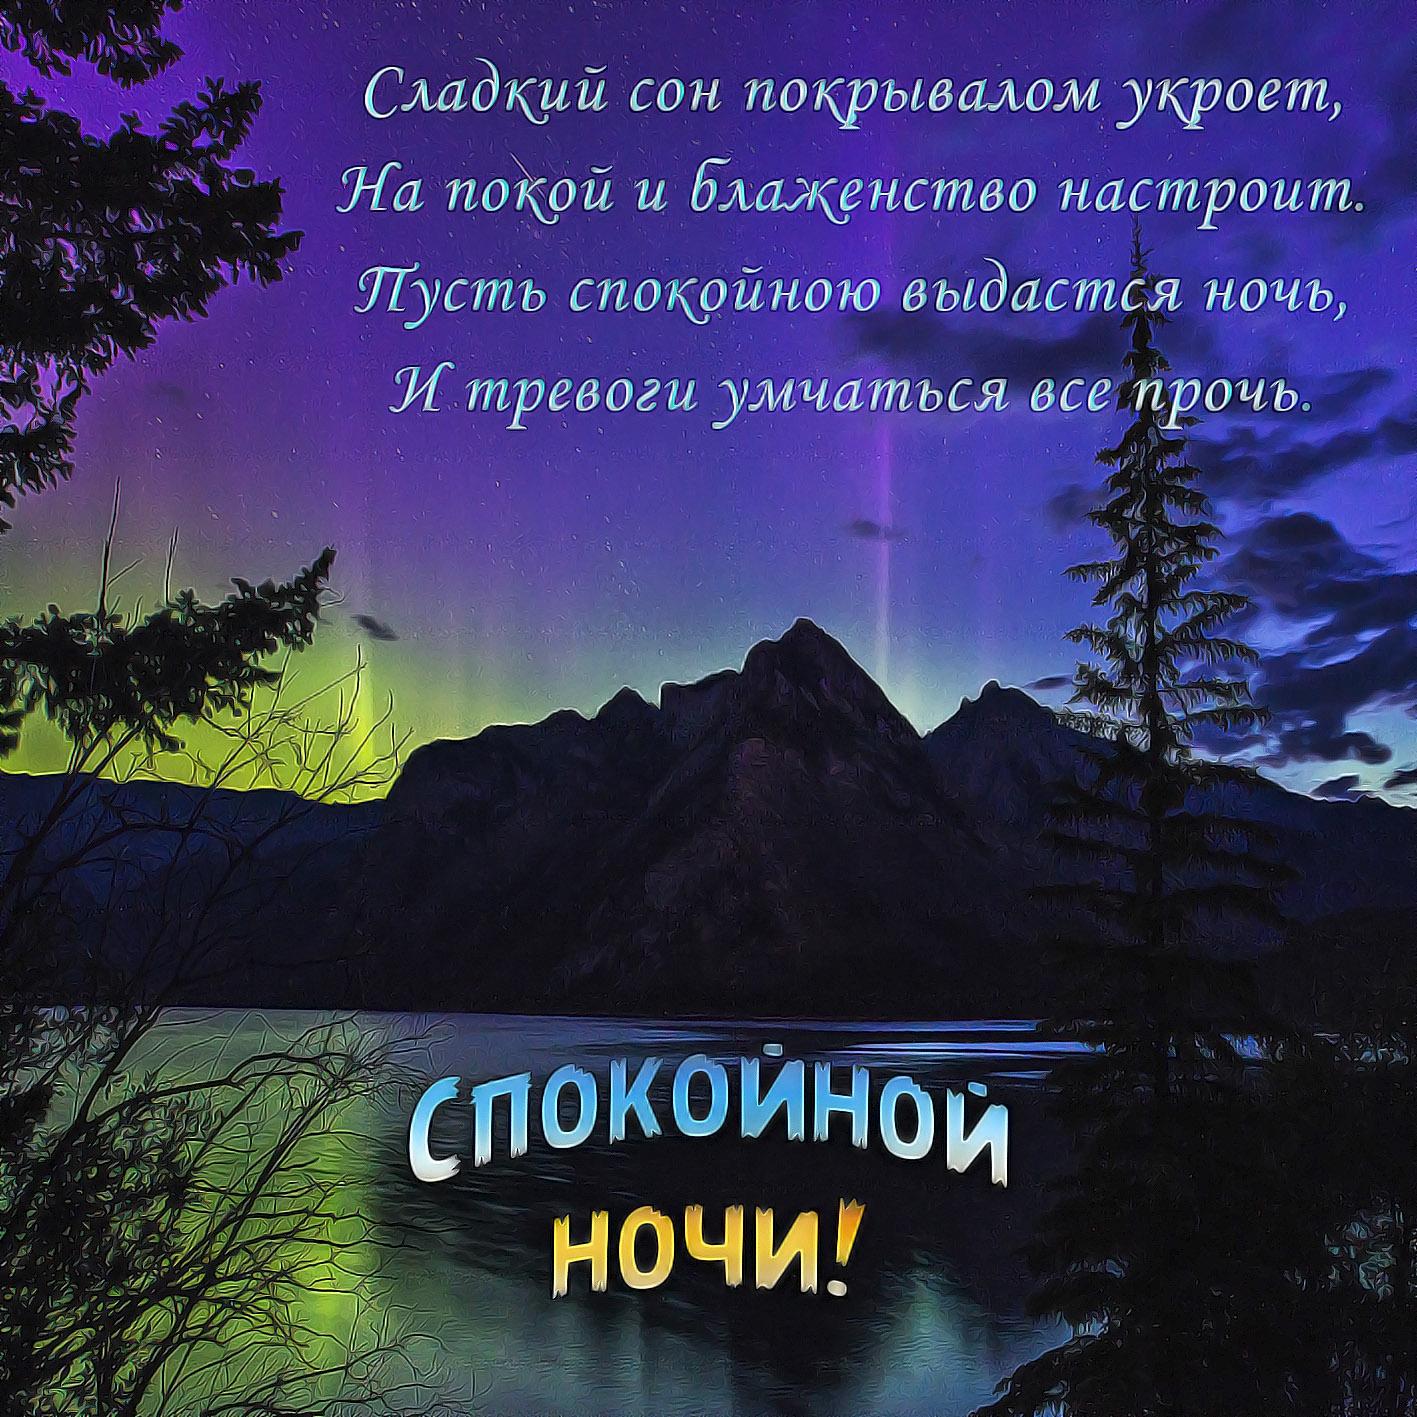 Открытки с пожеланиями спокойной ночи в стихах